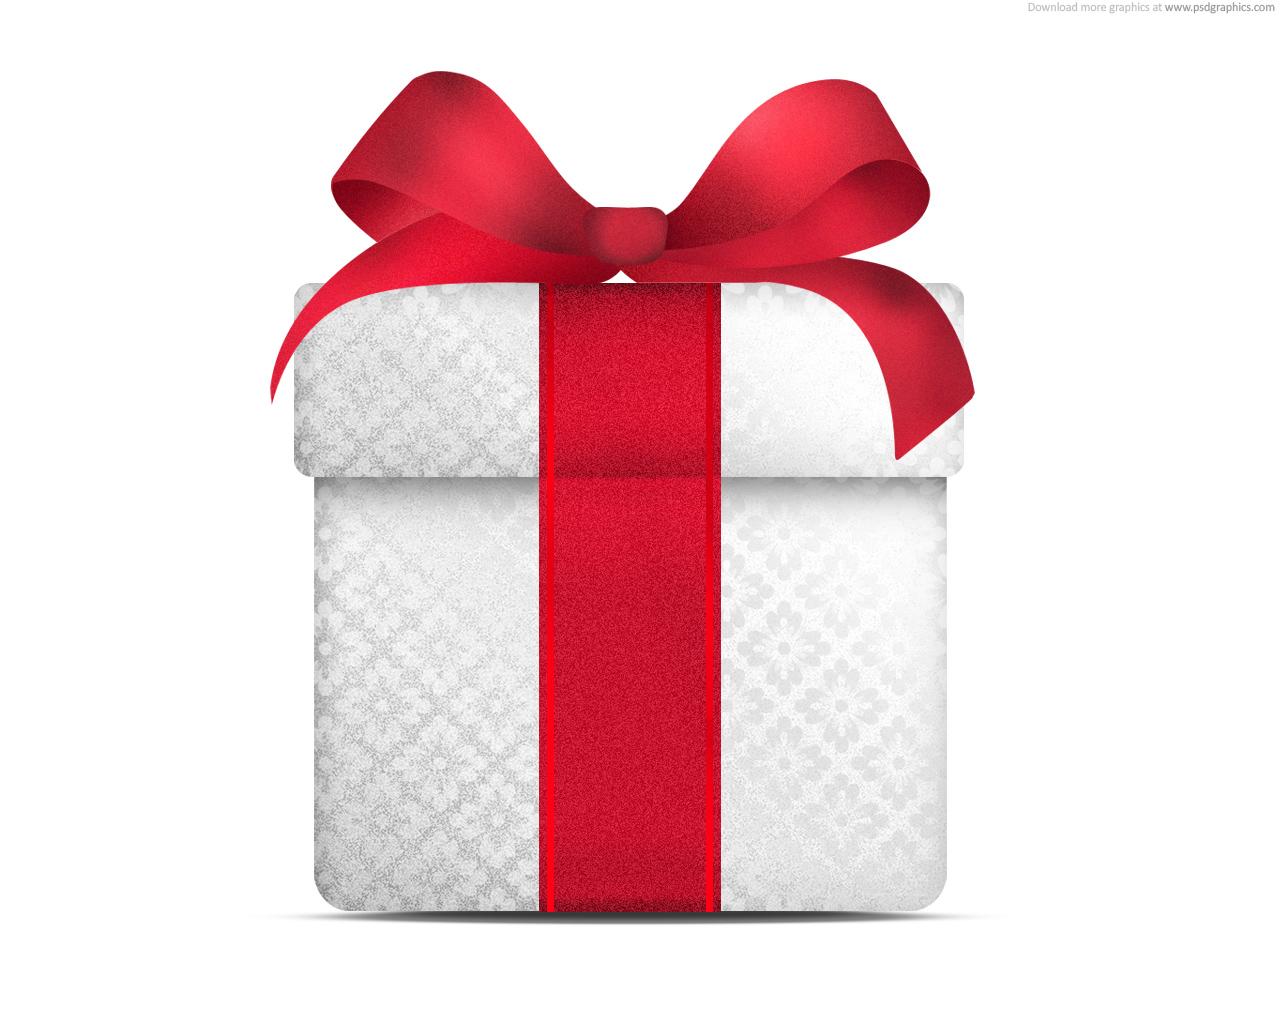 Christmas Gift Graphics